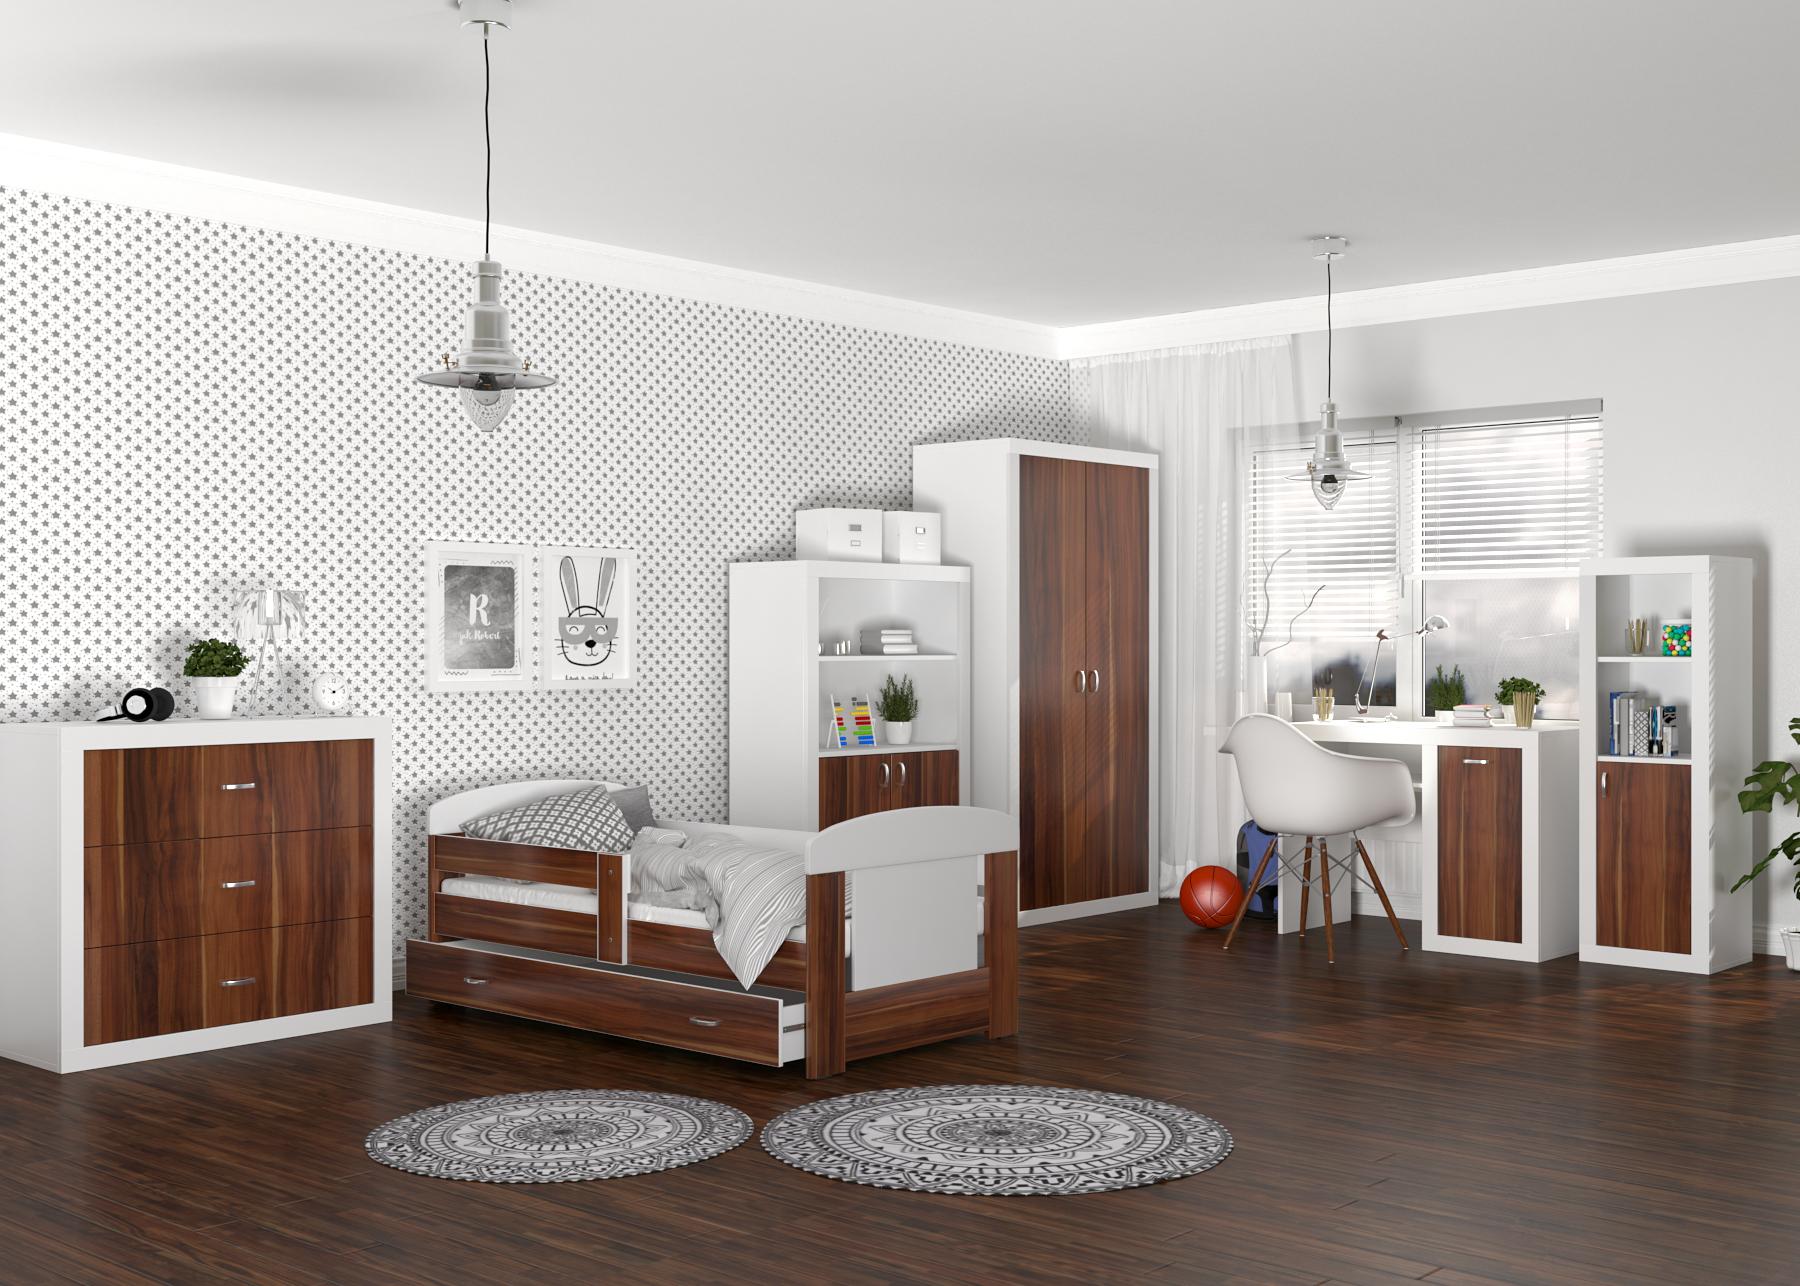 49ce5199080e Obľúbená moderná detská izba Filip